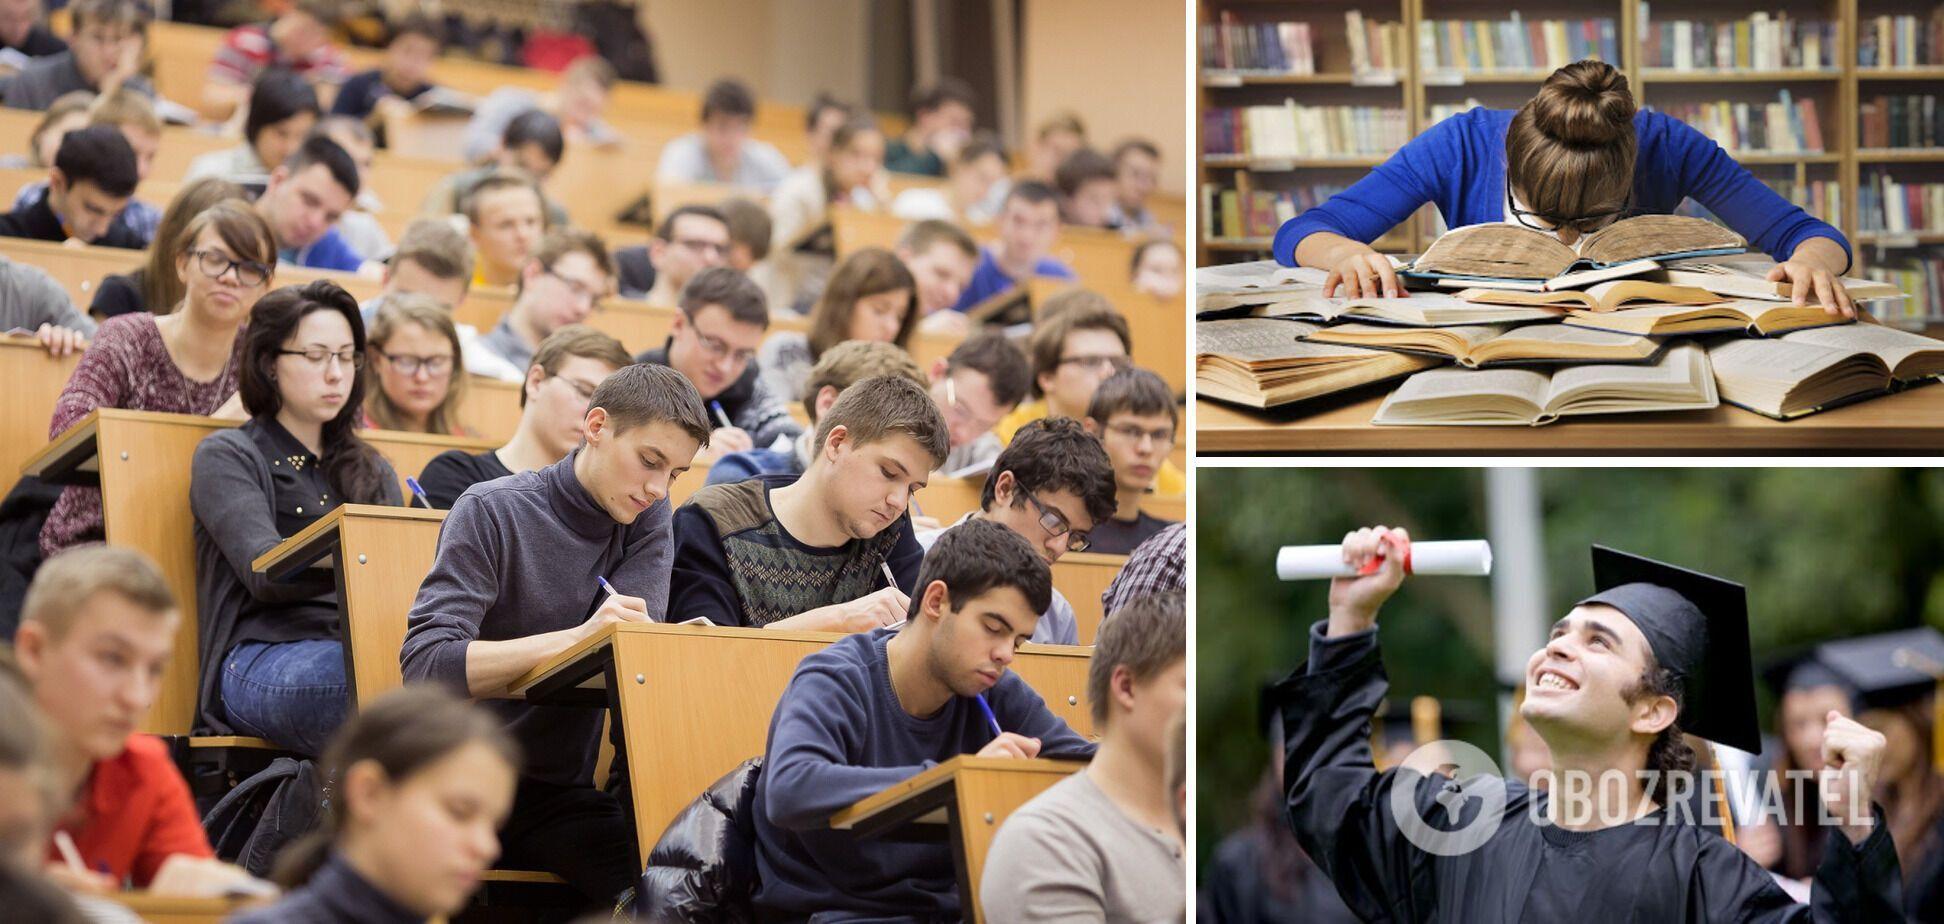 Высшее образование: привилегия для избранных или шаблон успешности